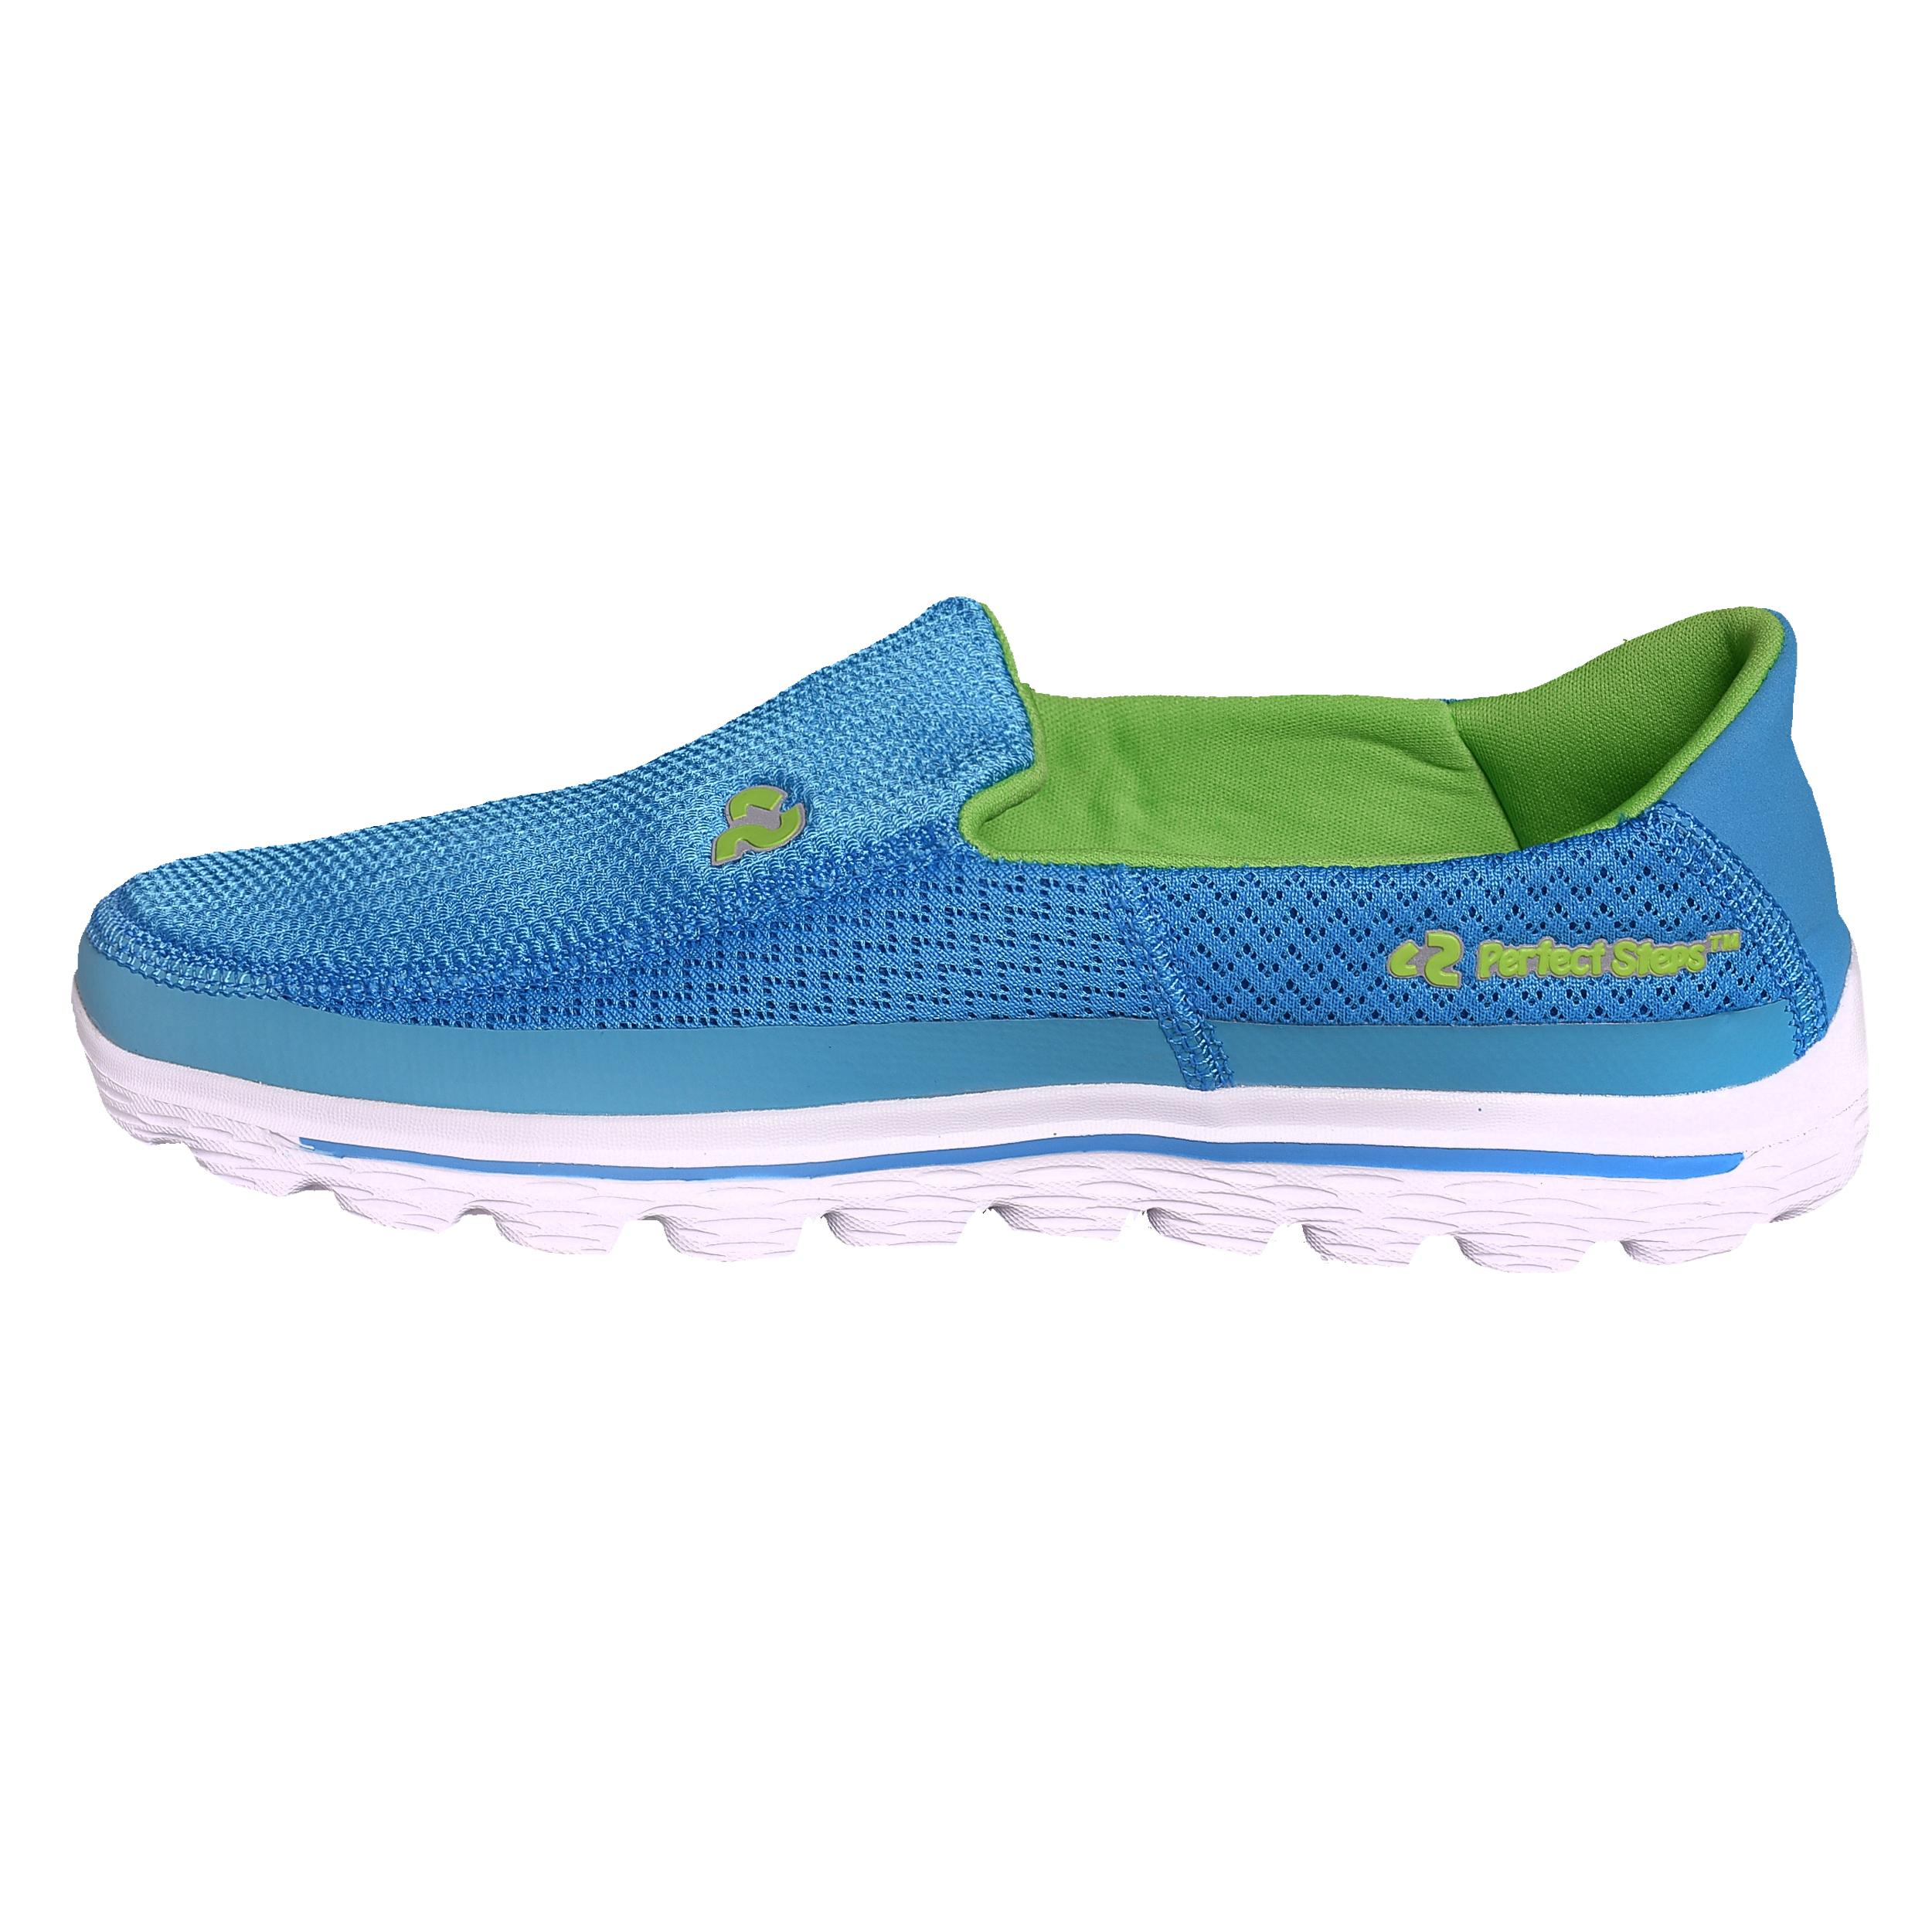 کفش مخصوص پیاده روی زنانه پرفکت استپس مدل اسکای کد 1770 رنگ آبی